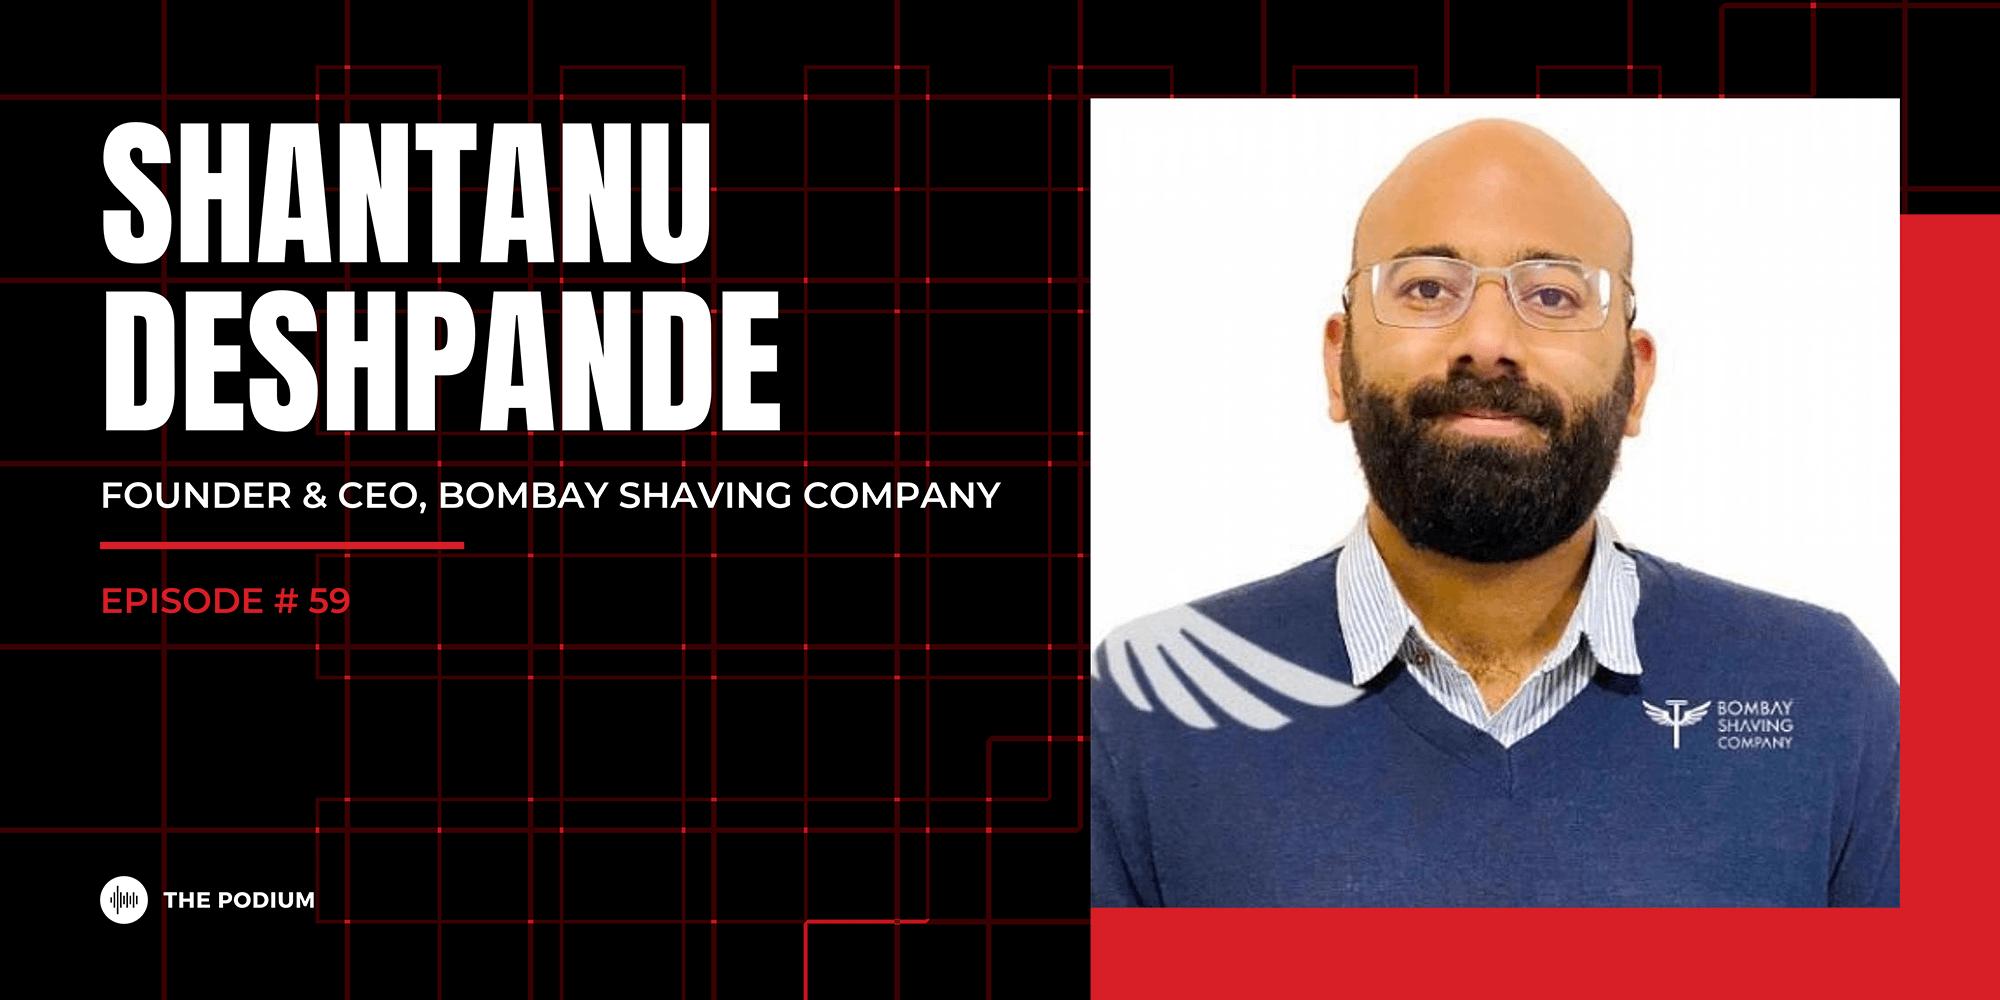 Grooming his way to success | Shantanu Deshpande @ Bombay Shaving Company